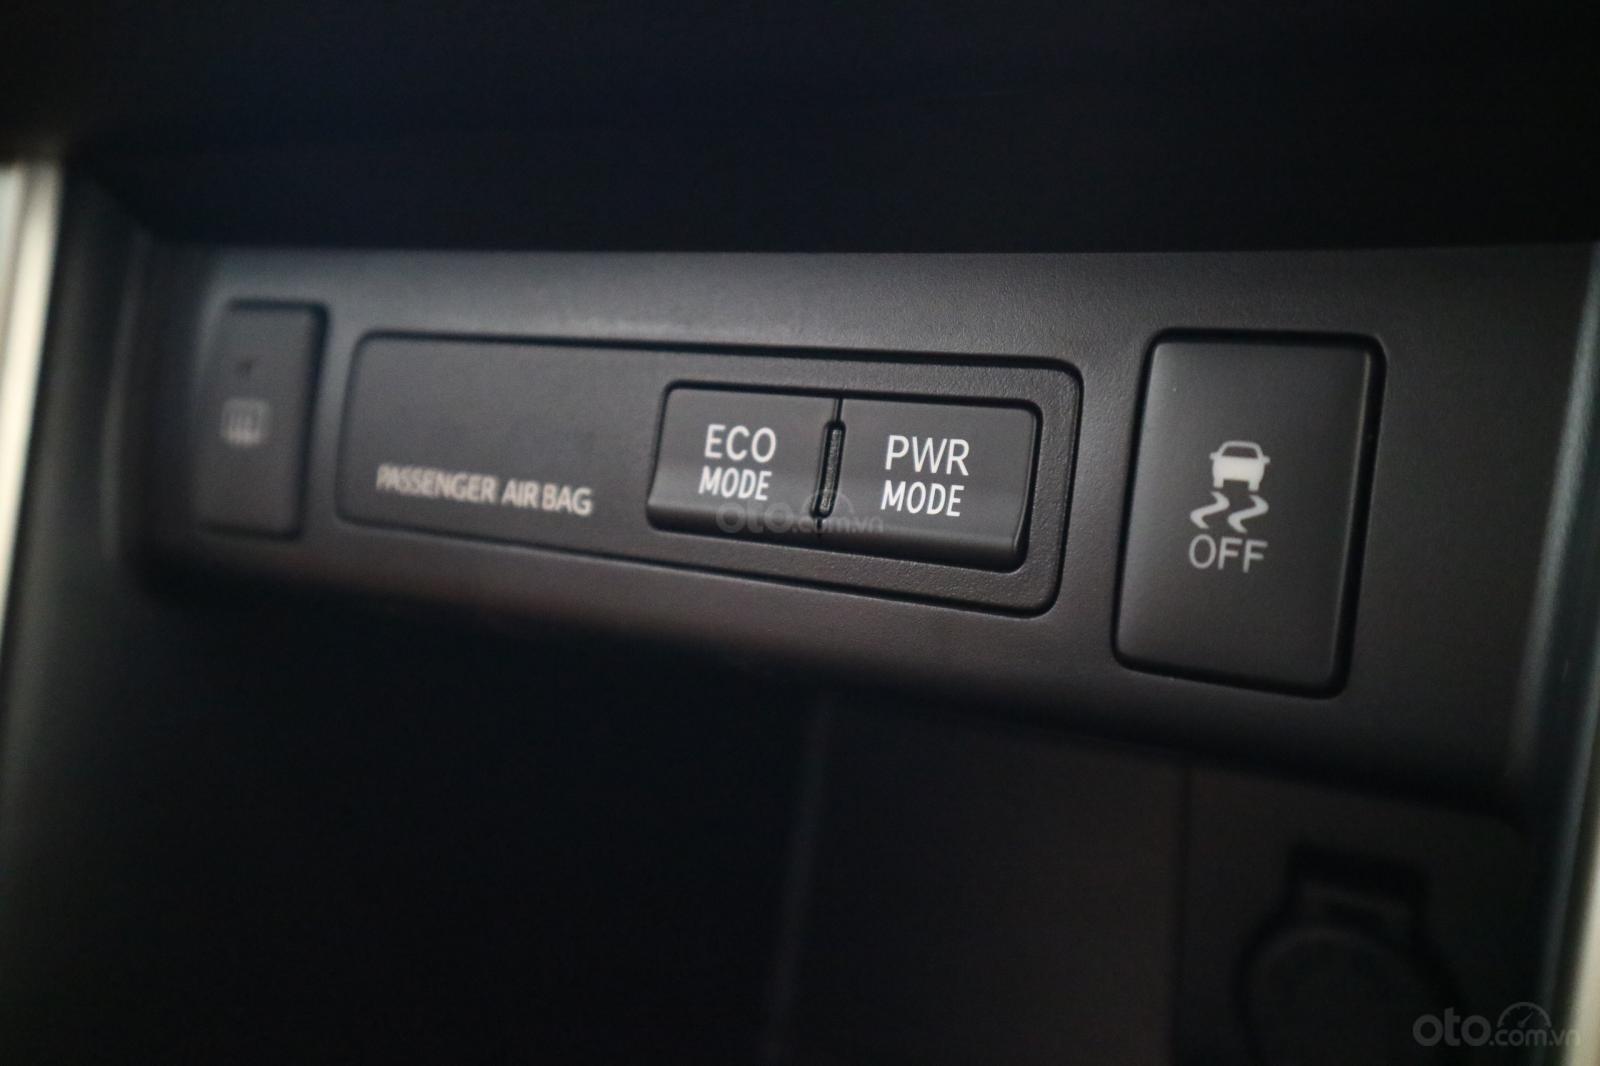 Toyota Innova 2020 sở hữu chức năng hỗ trợ chế độ lái Eco và Power 1